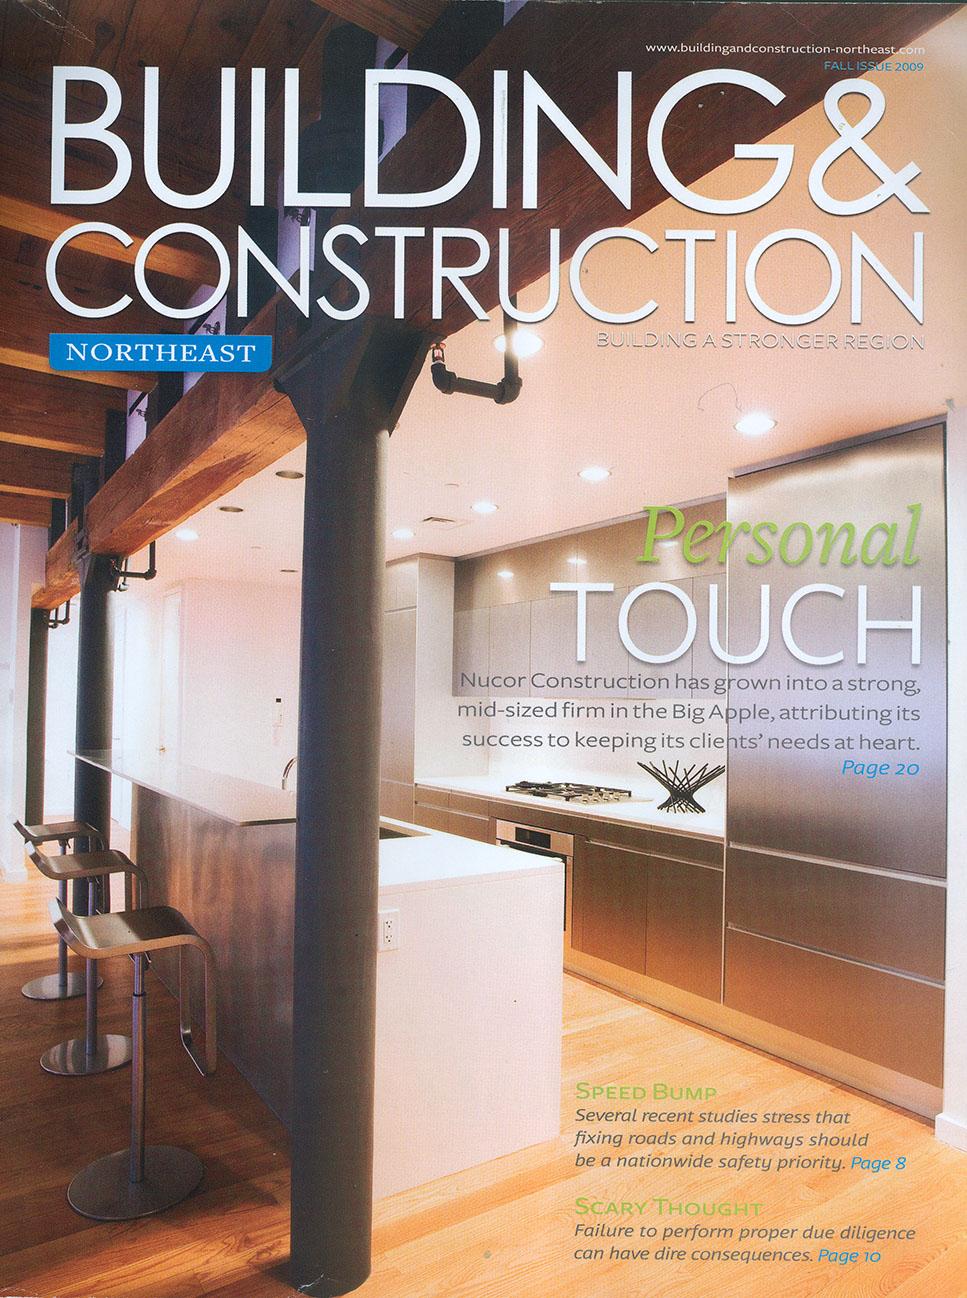 Building & Construction.jpg